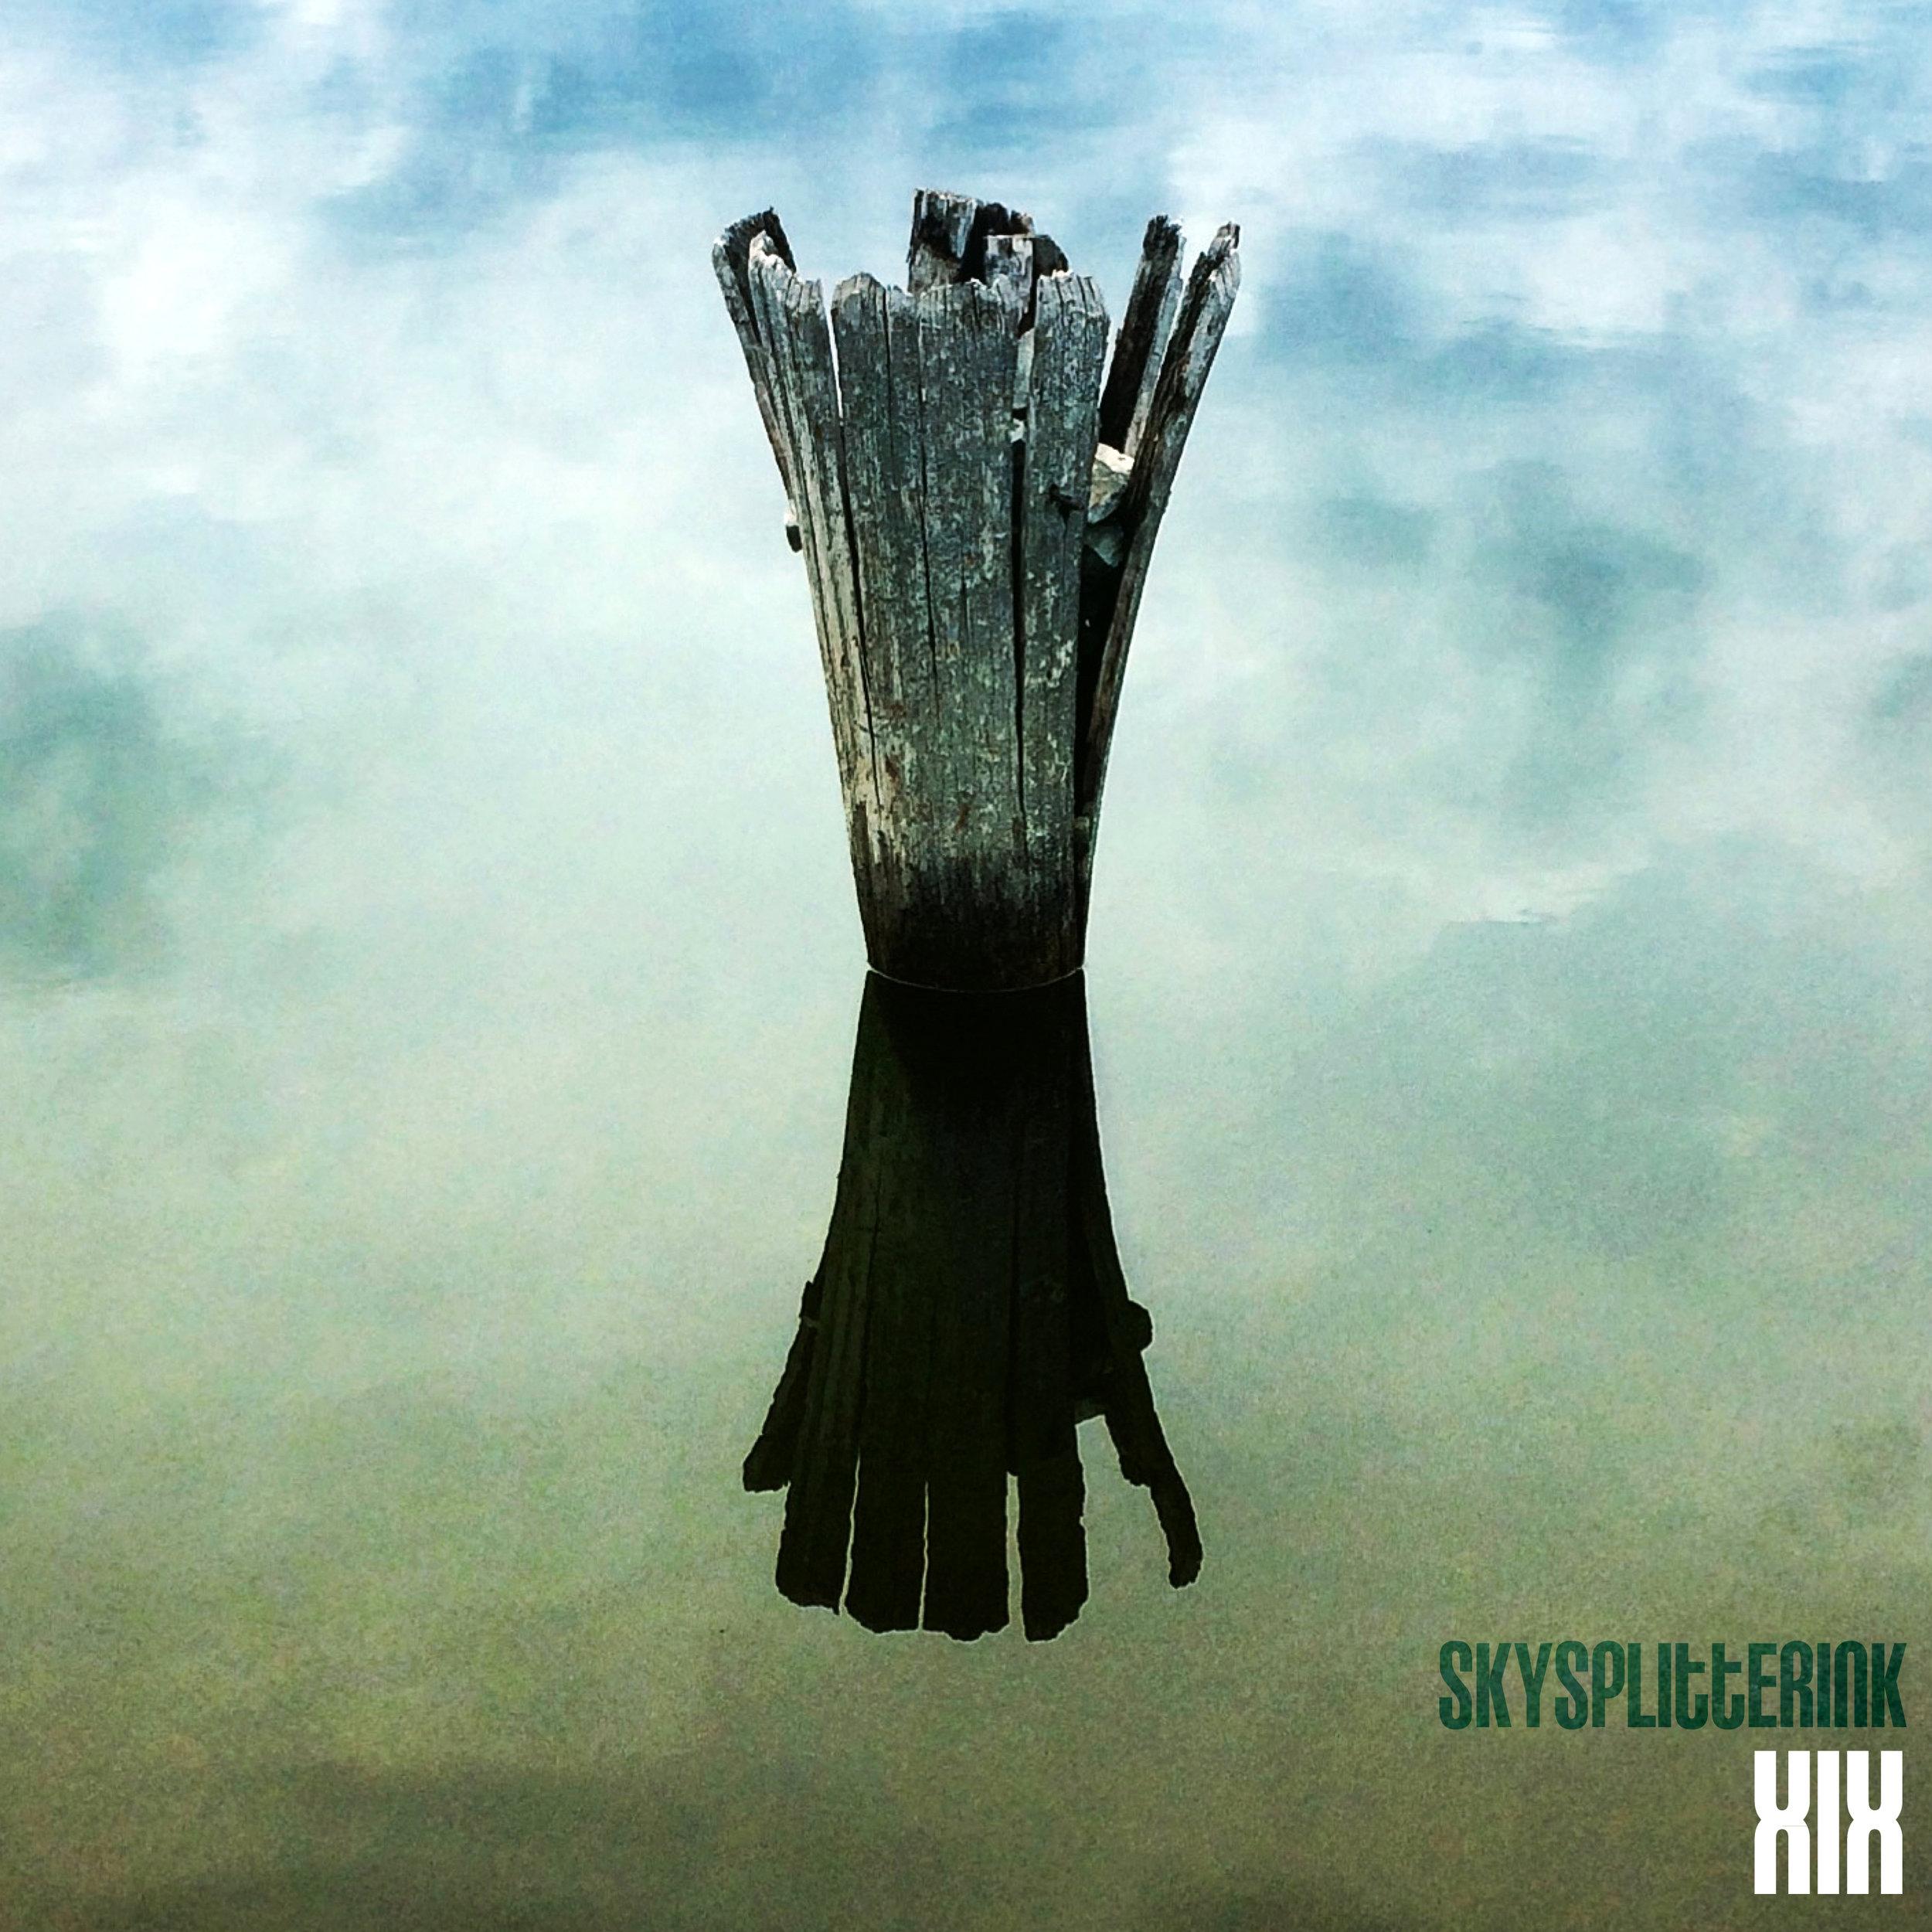 XIX - By skysplitterink